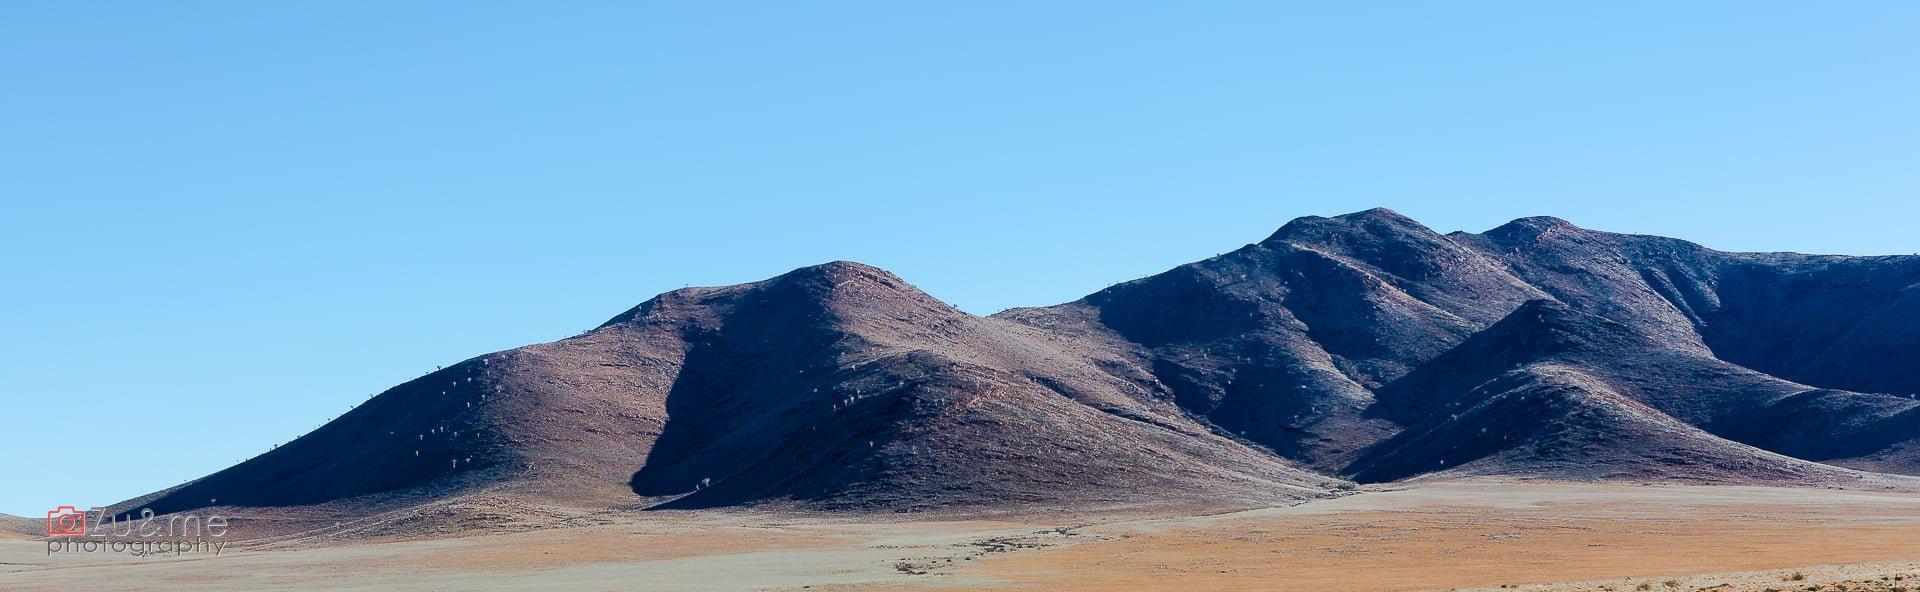 Krajobraz w drodze do Koiimasis